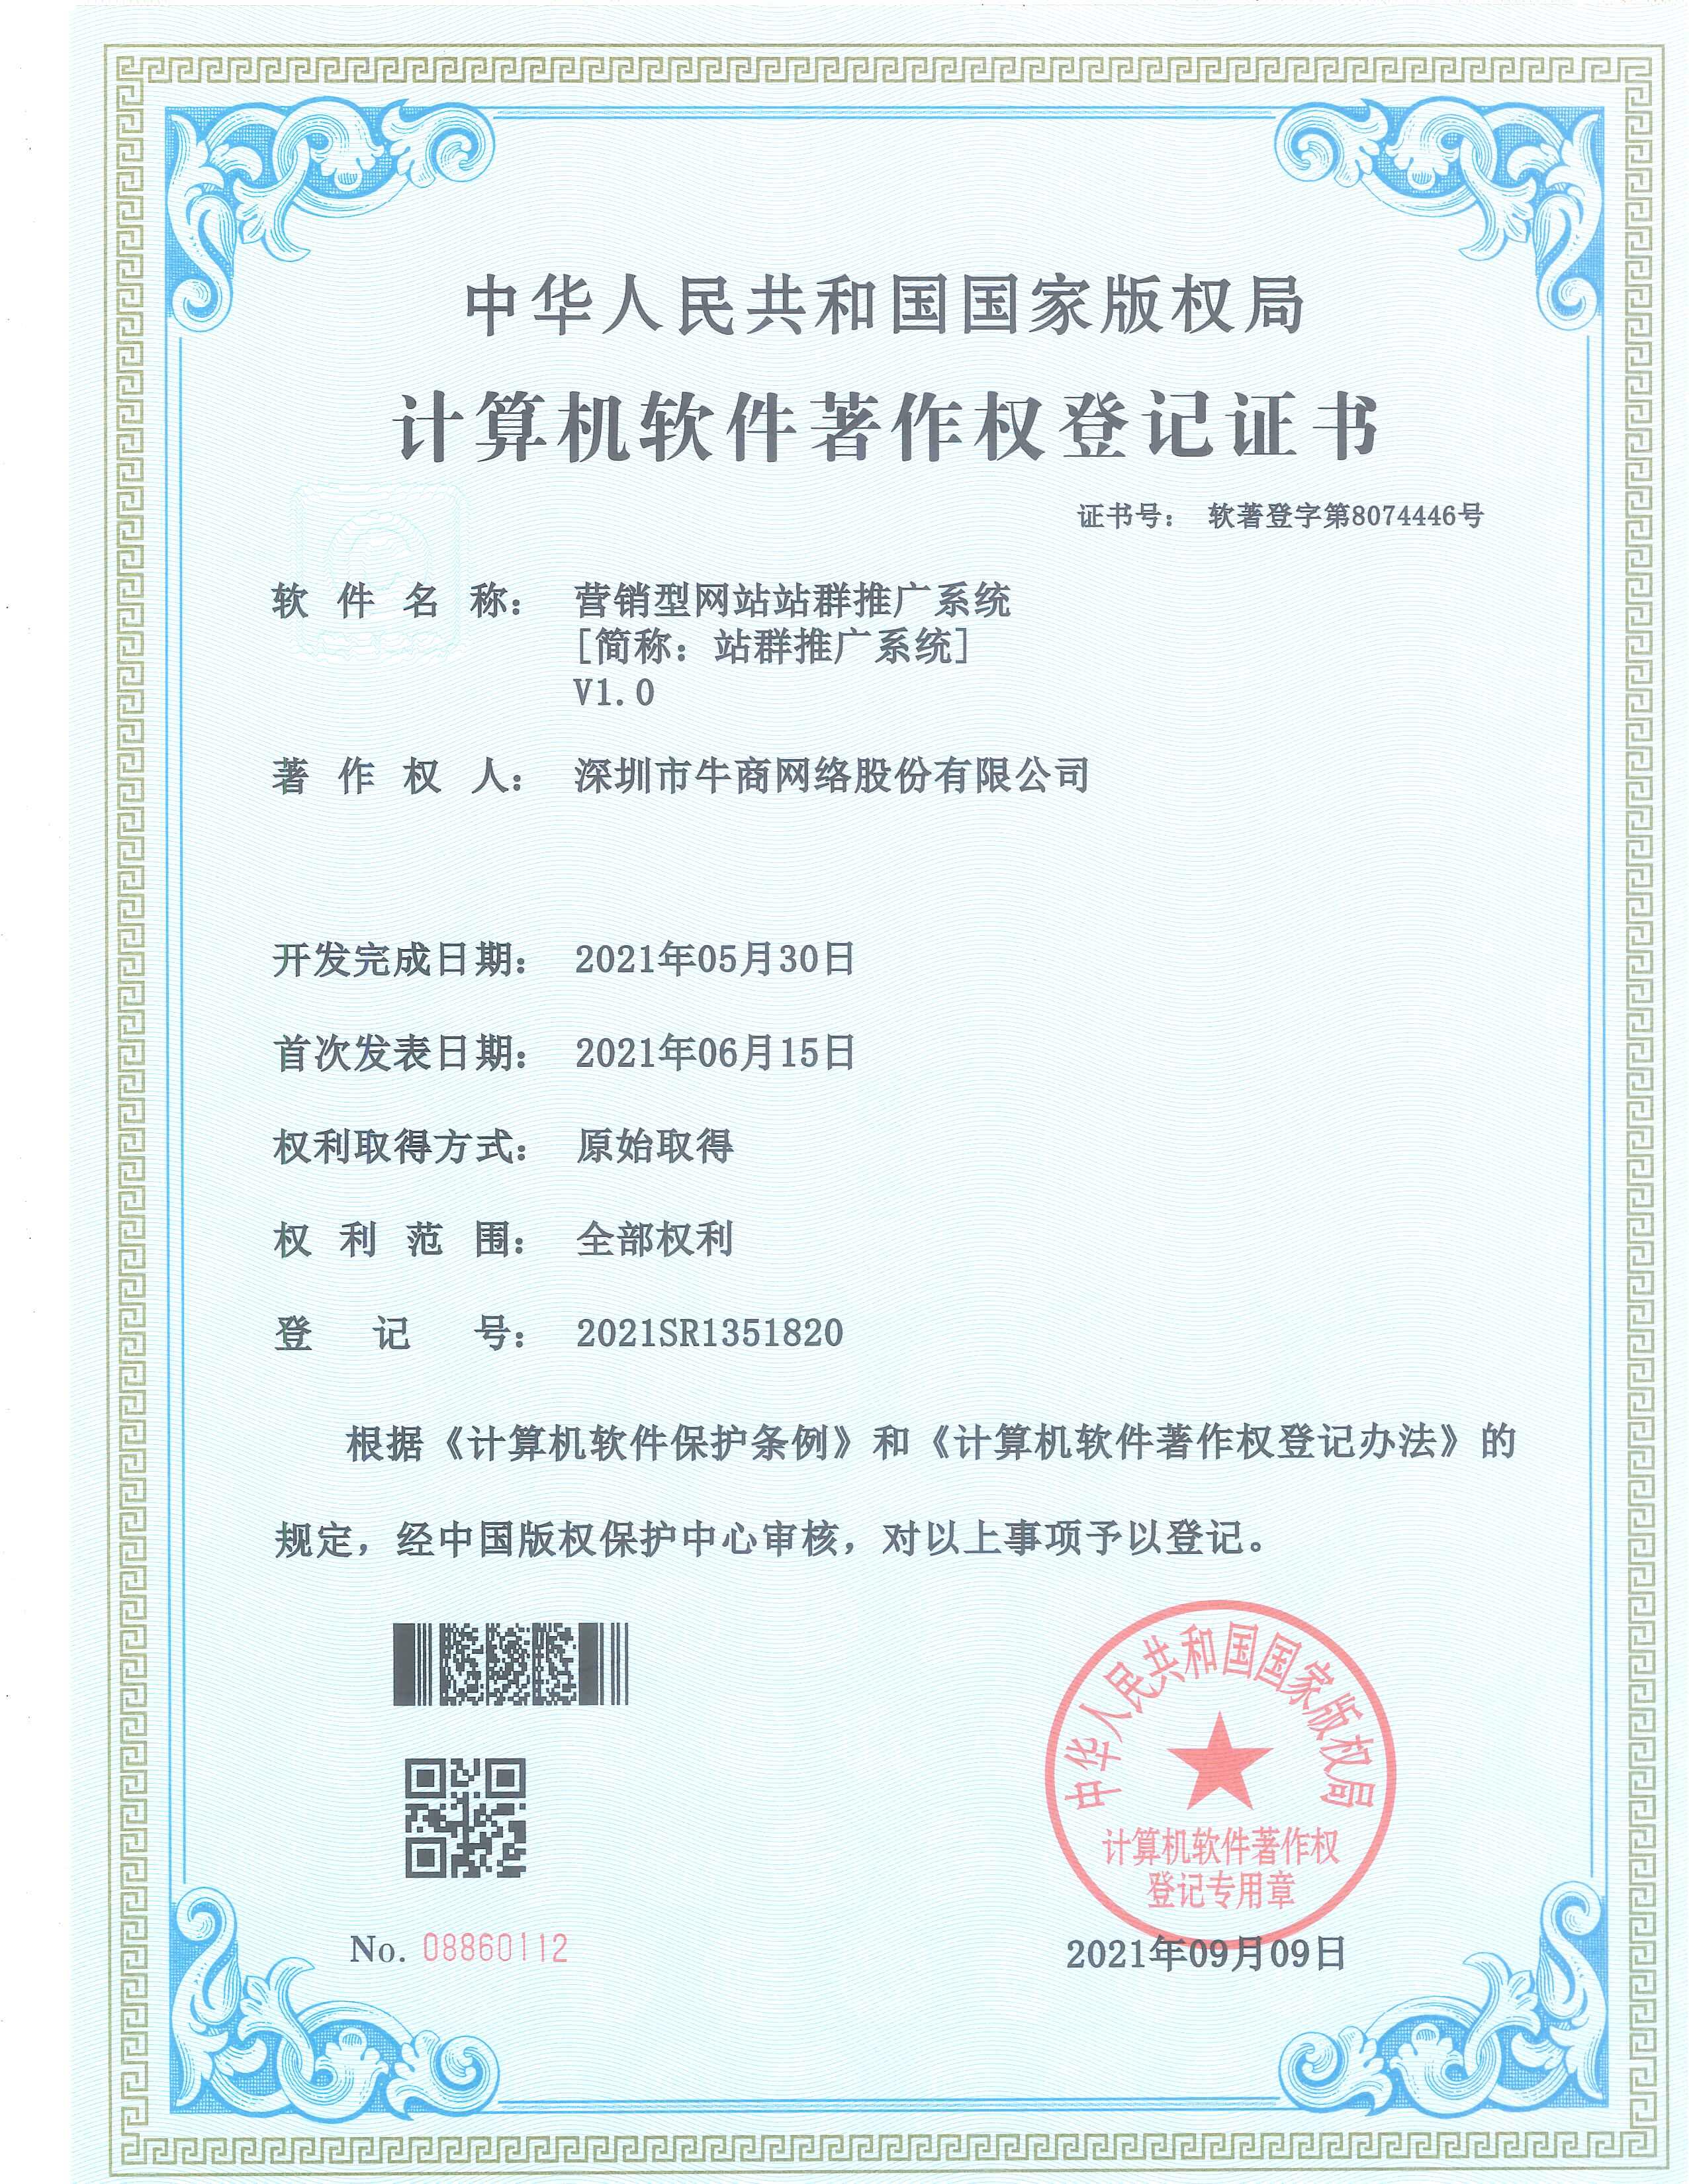 营销型网站站群推广系统证书